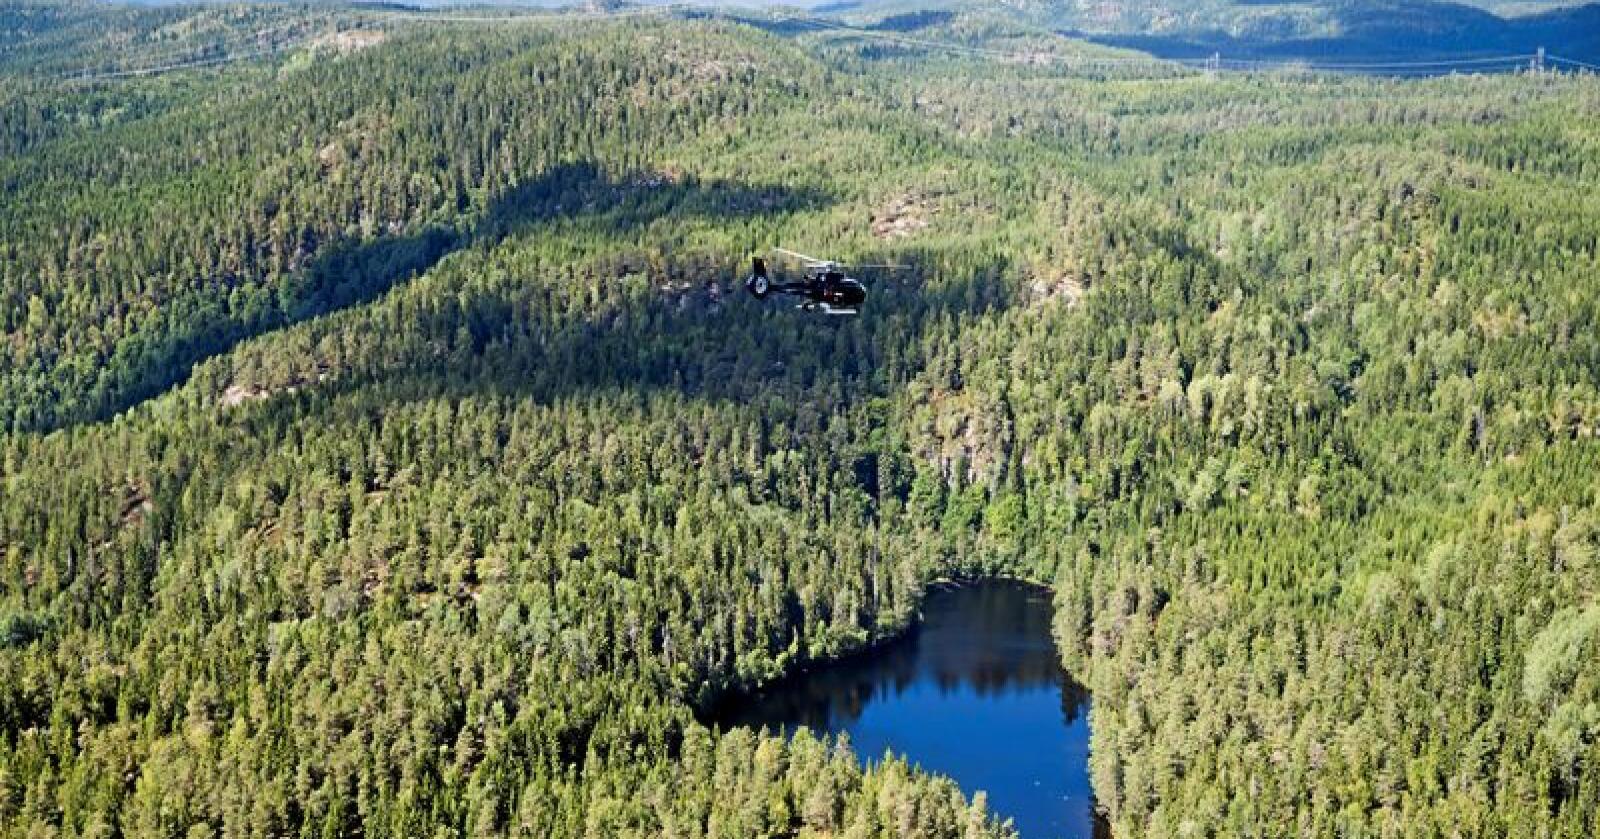 Tilvekst: Mykje av skogen veks betre enn før, men måling av produksjonsevna i gamal skog fører likevel til at den reelle produksjonsevna vert grovt undervurdert. Foto: Berit Roald/NTB scanpix